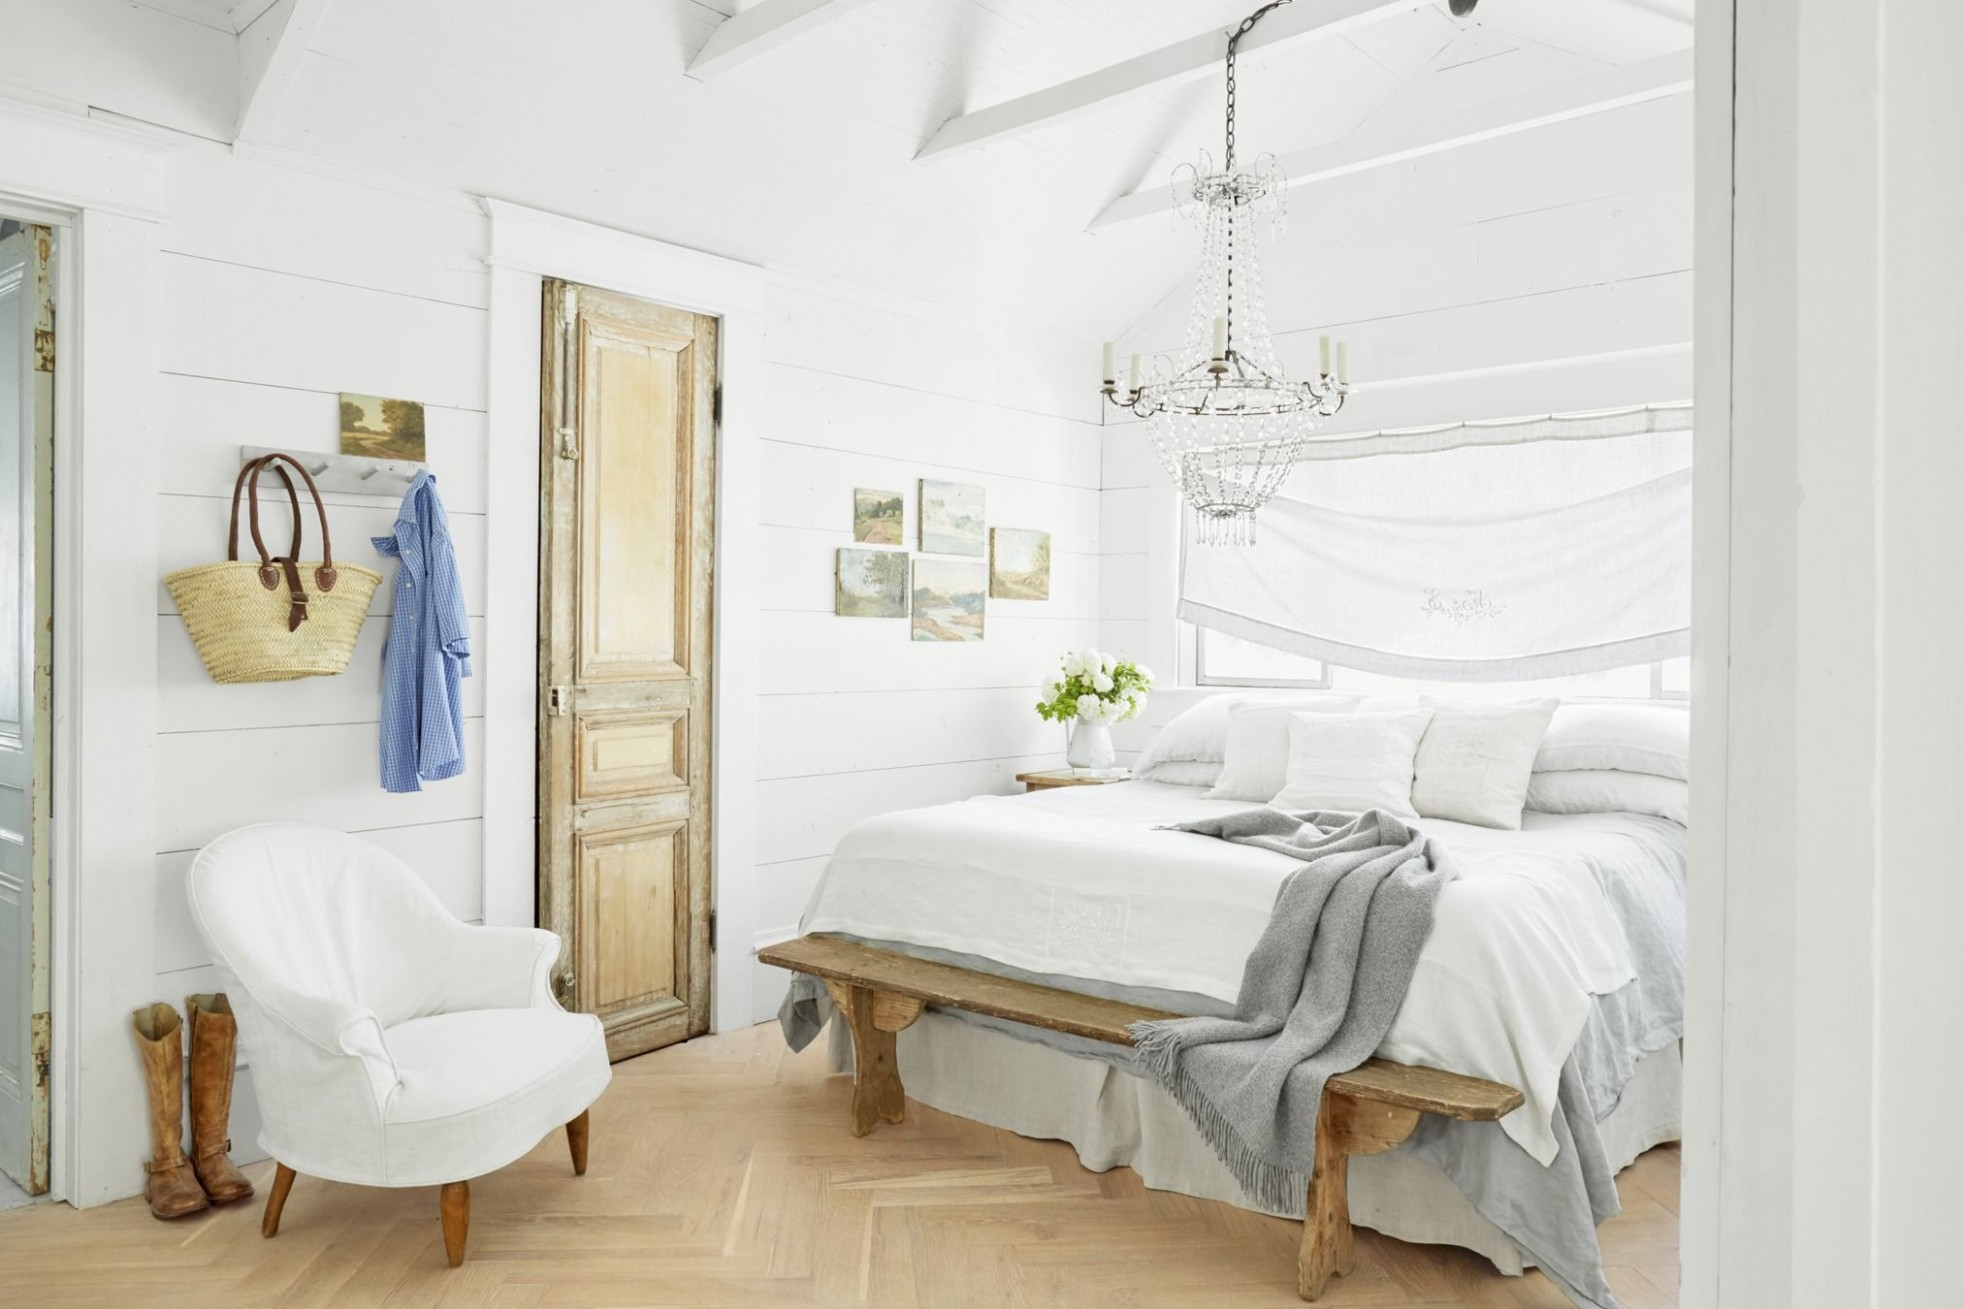 9+ Bedroom Decorating Ideas in 9 - Designs for Beautiful Bedrooms - Bedroom Ideas Uk 2020